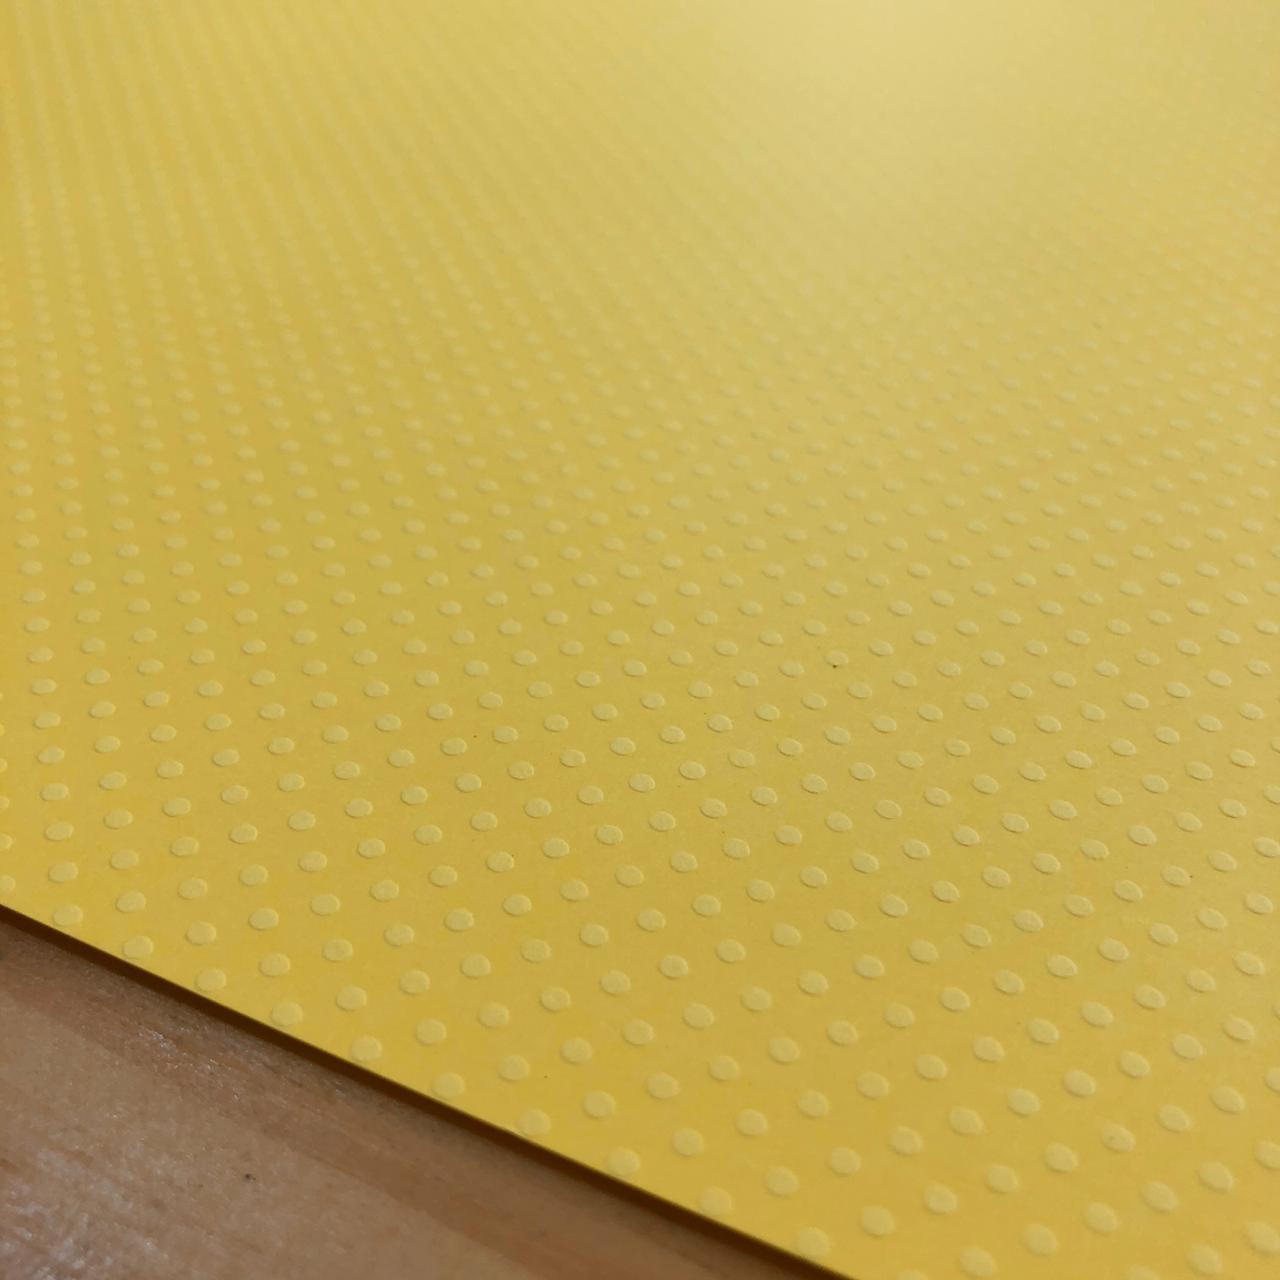 Papel Scrap Cardstock - Bolinhas II Amarelo - Toke e Crie (20073)